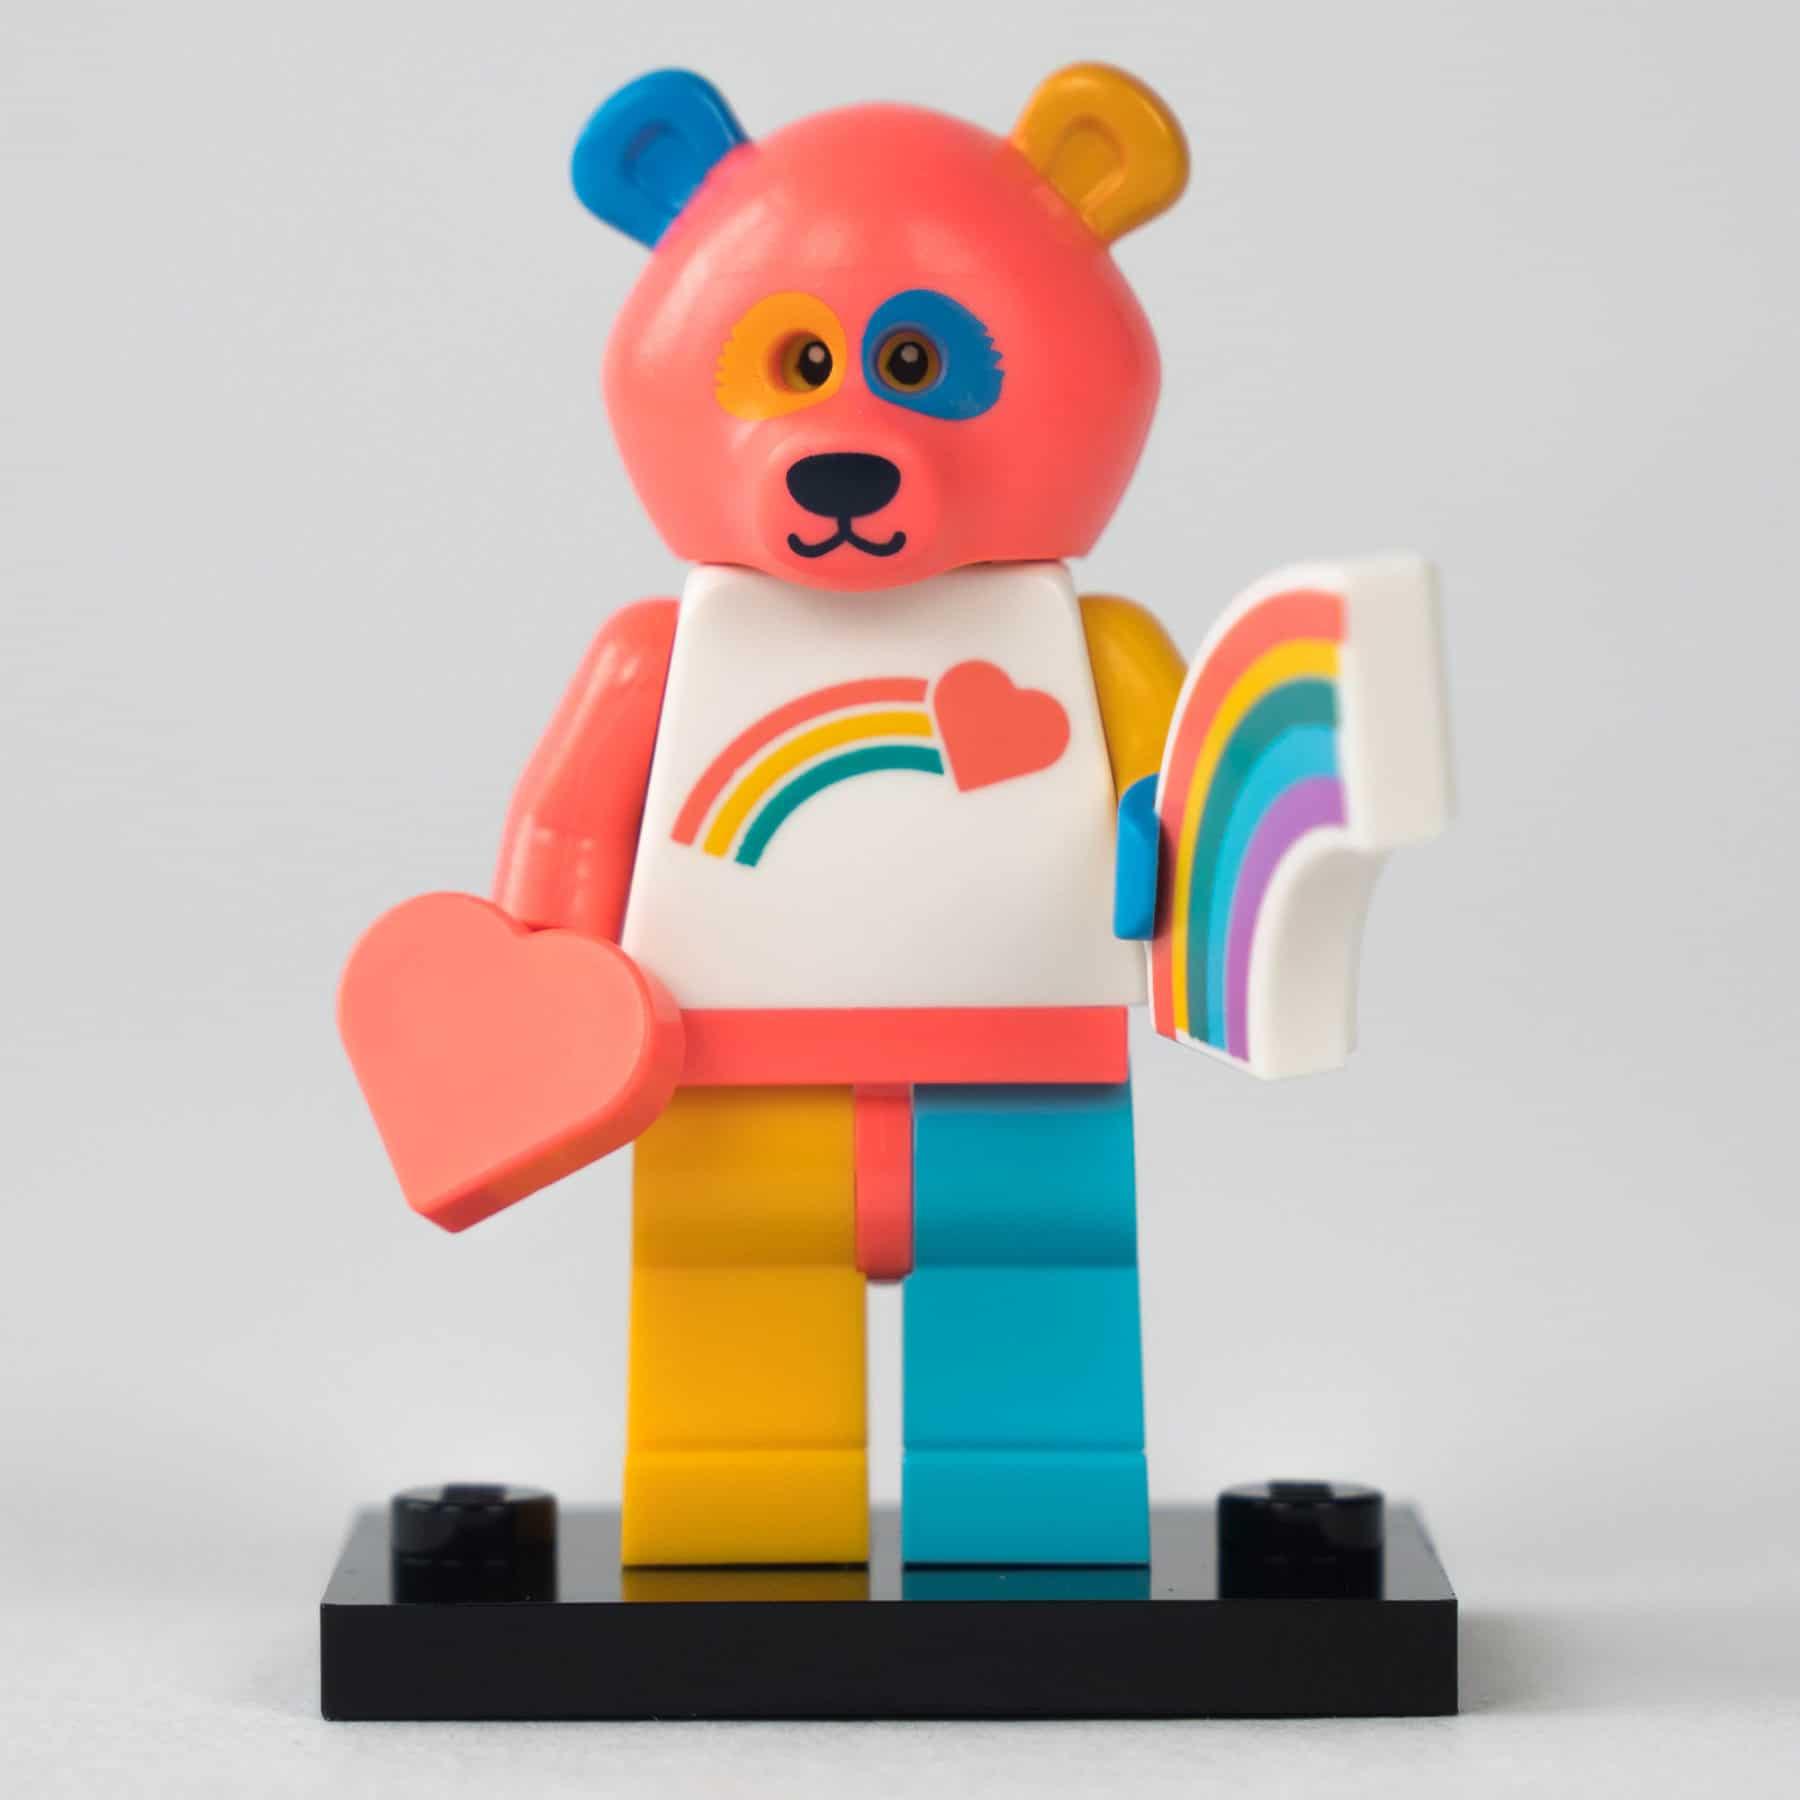 LEGO 71025 Minifigur: Regenbogen-Bär